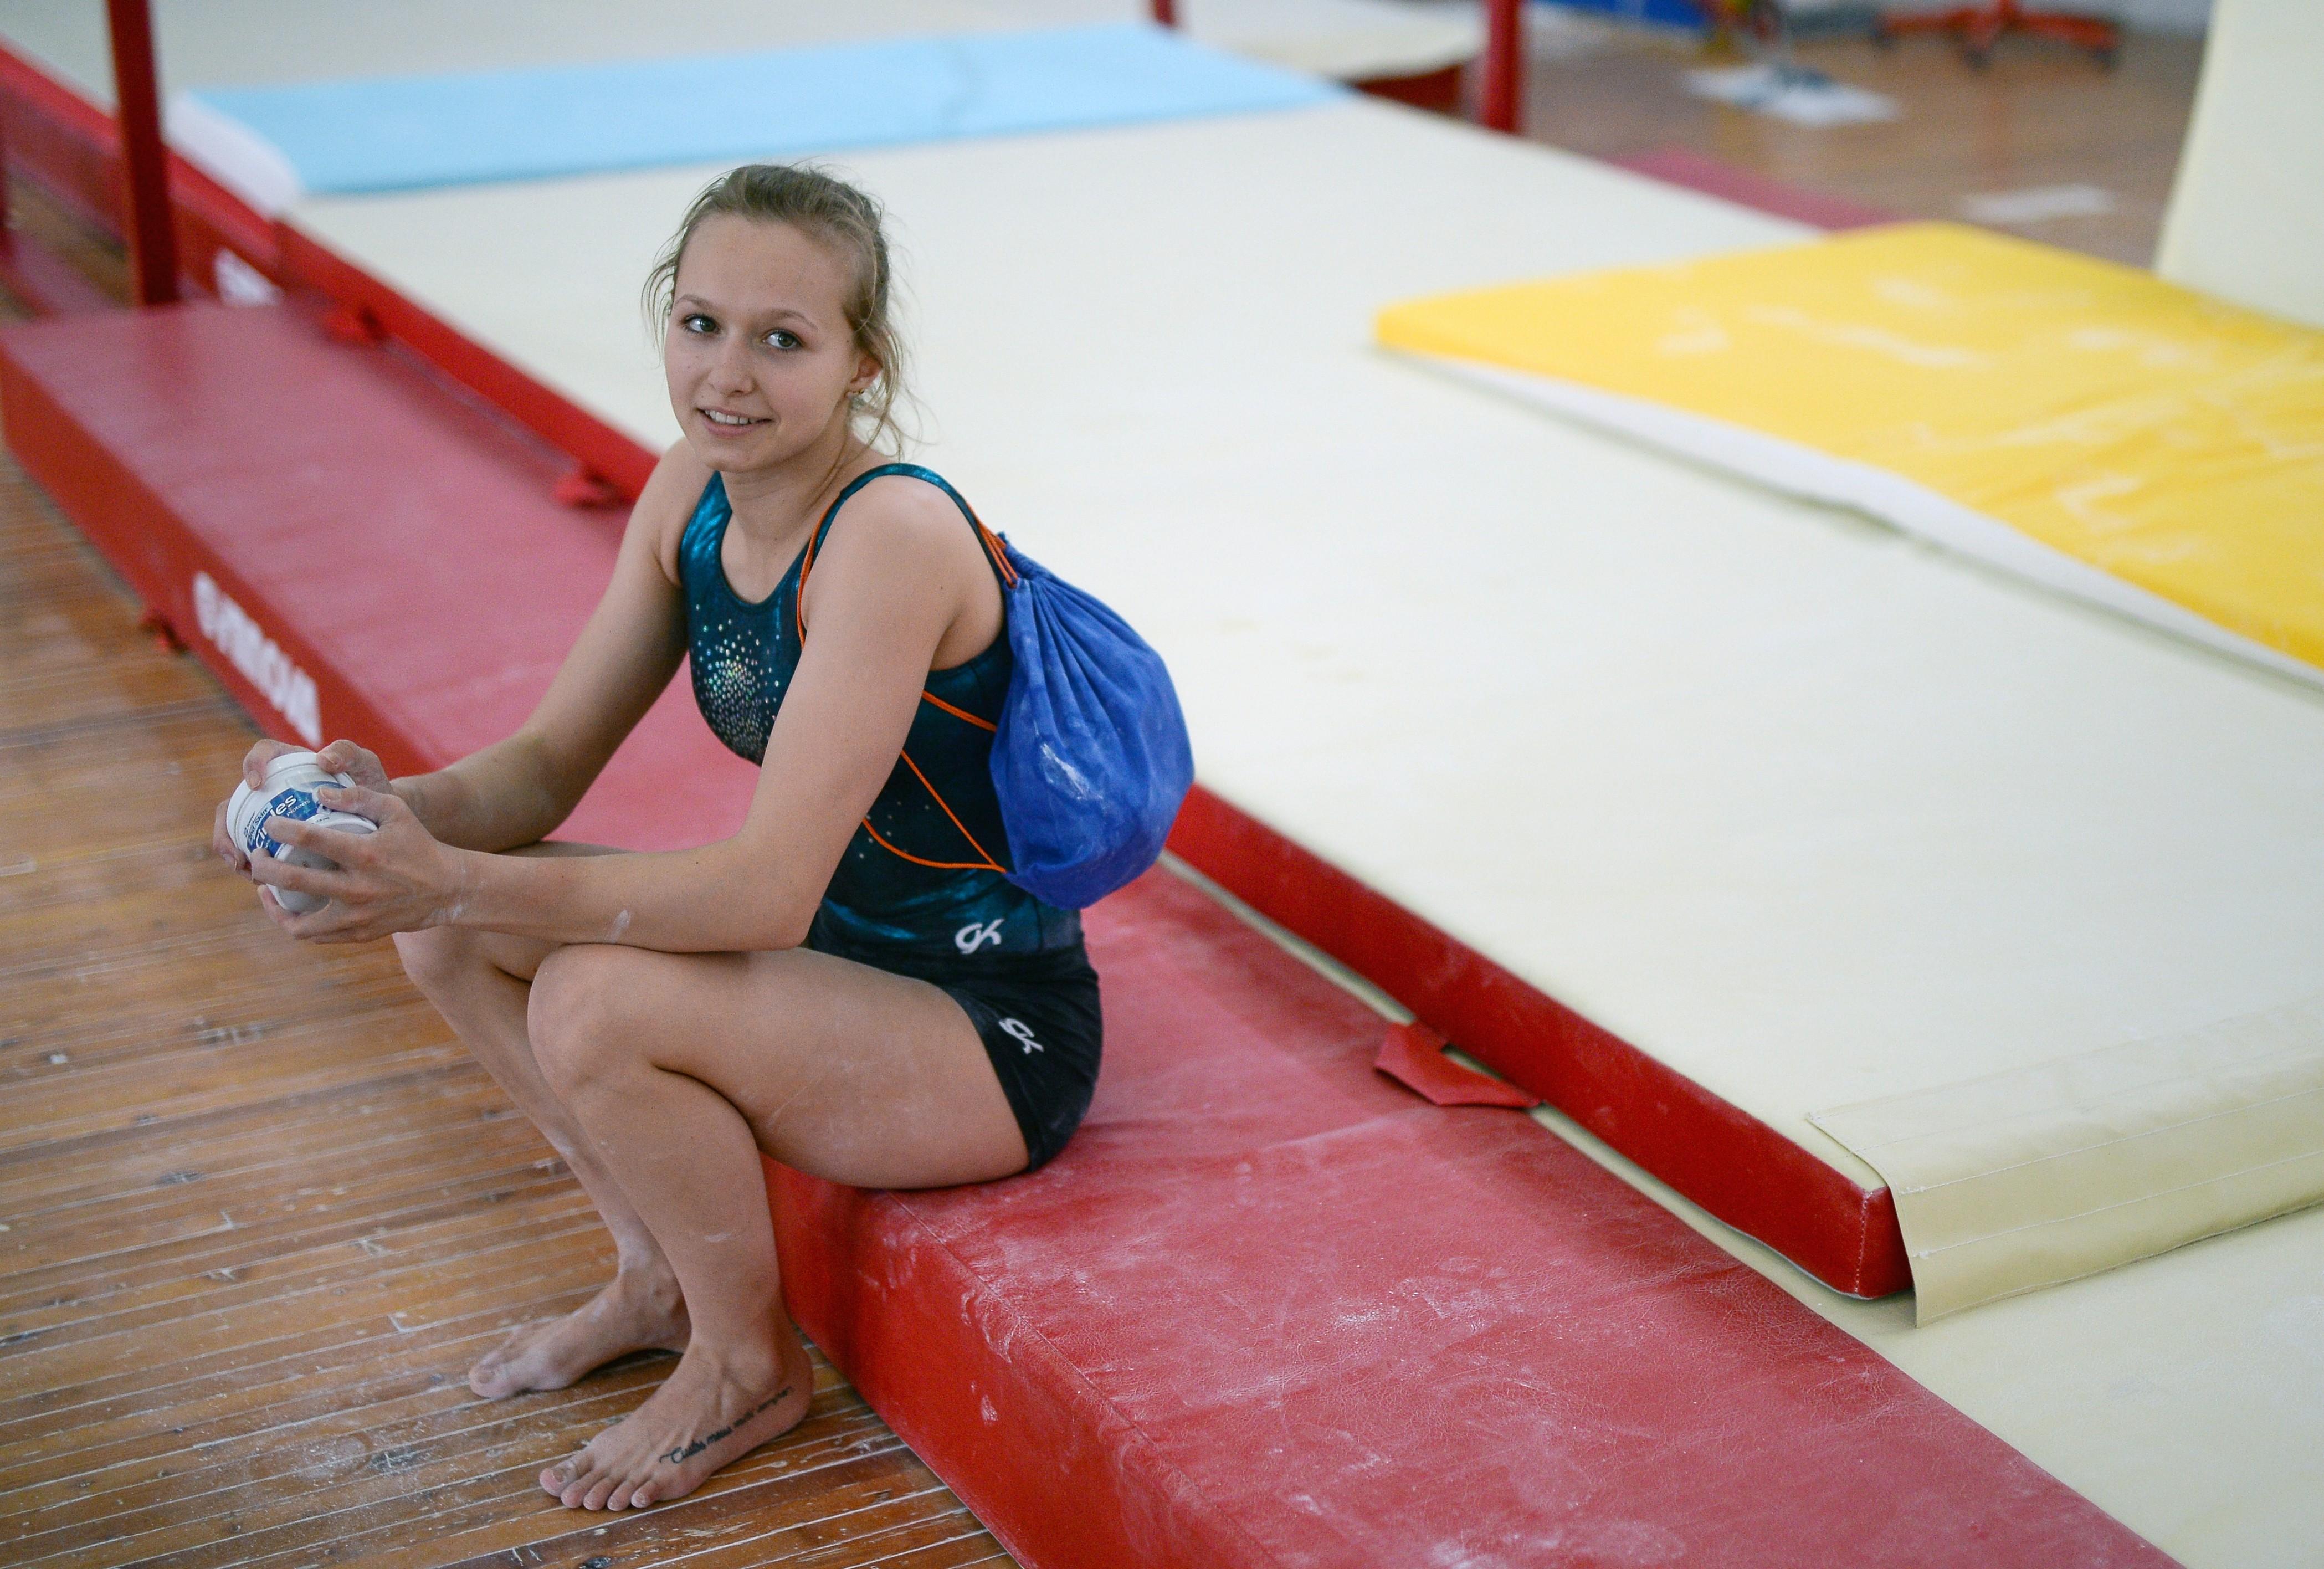 <p>Российская гимнастка Дарья Спиридонова в ожидании разрешения выступить в Рио-де-Жанейро. Фото: <span>&copy;</span>&nbsp;РИА Новости/Владимир Астапкович</p>